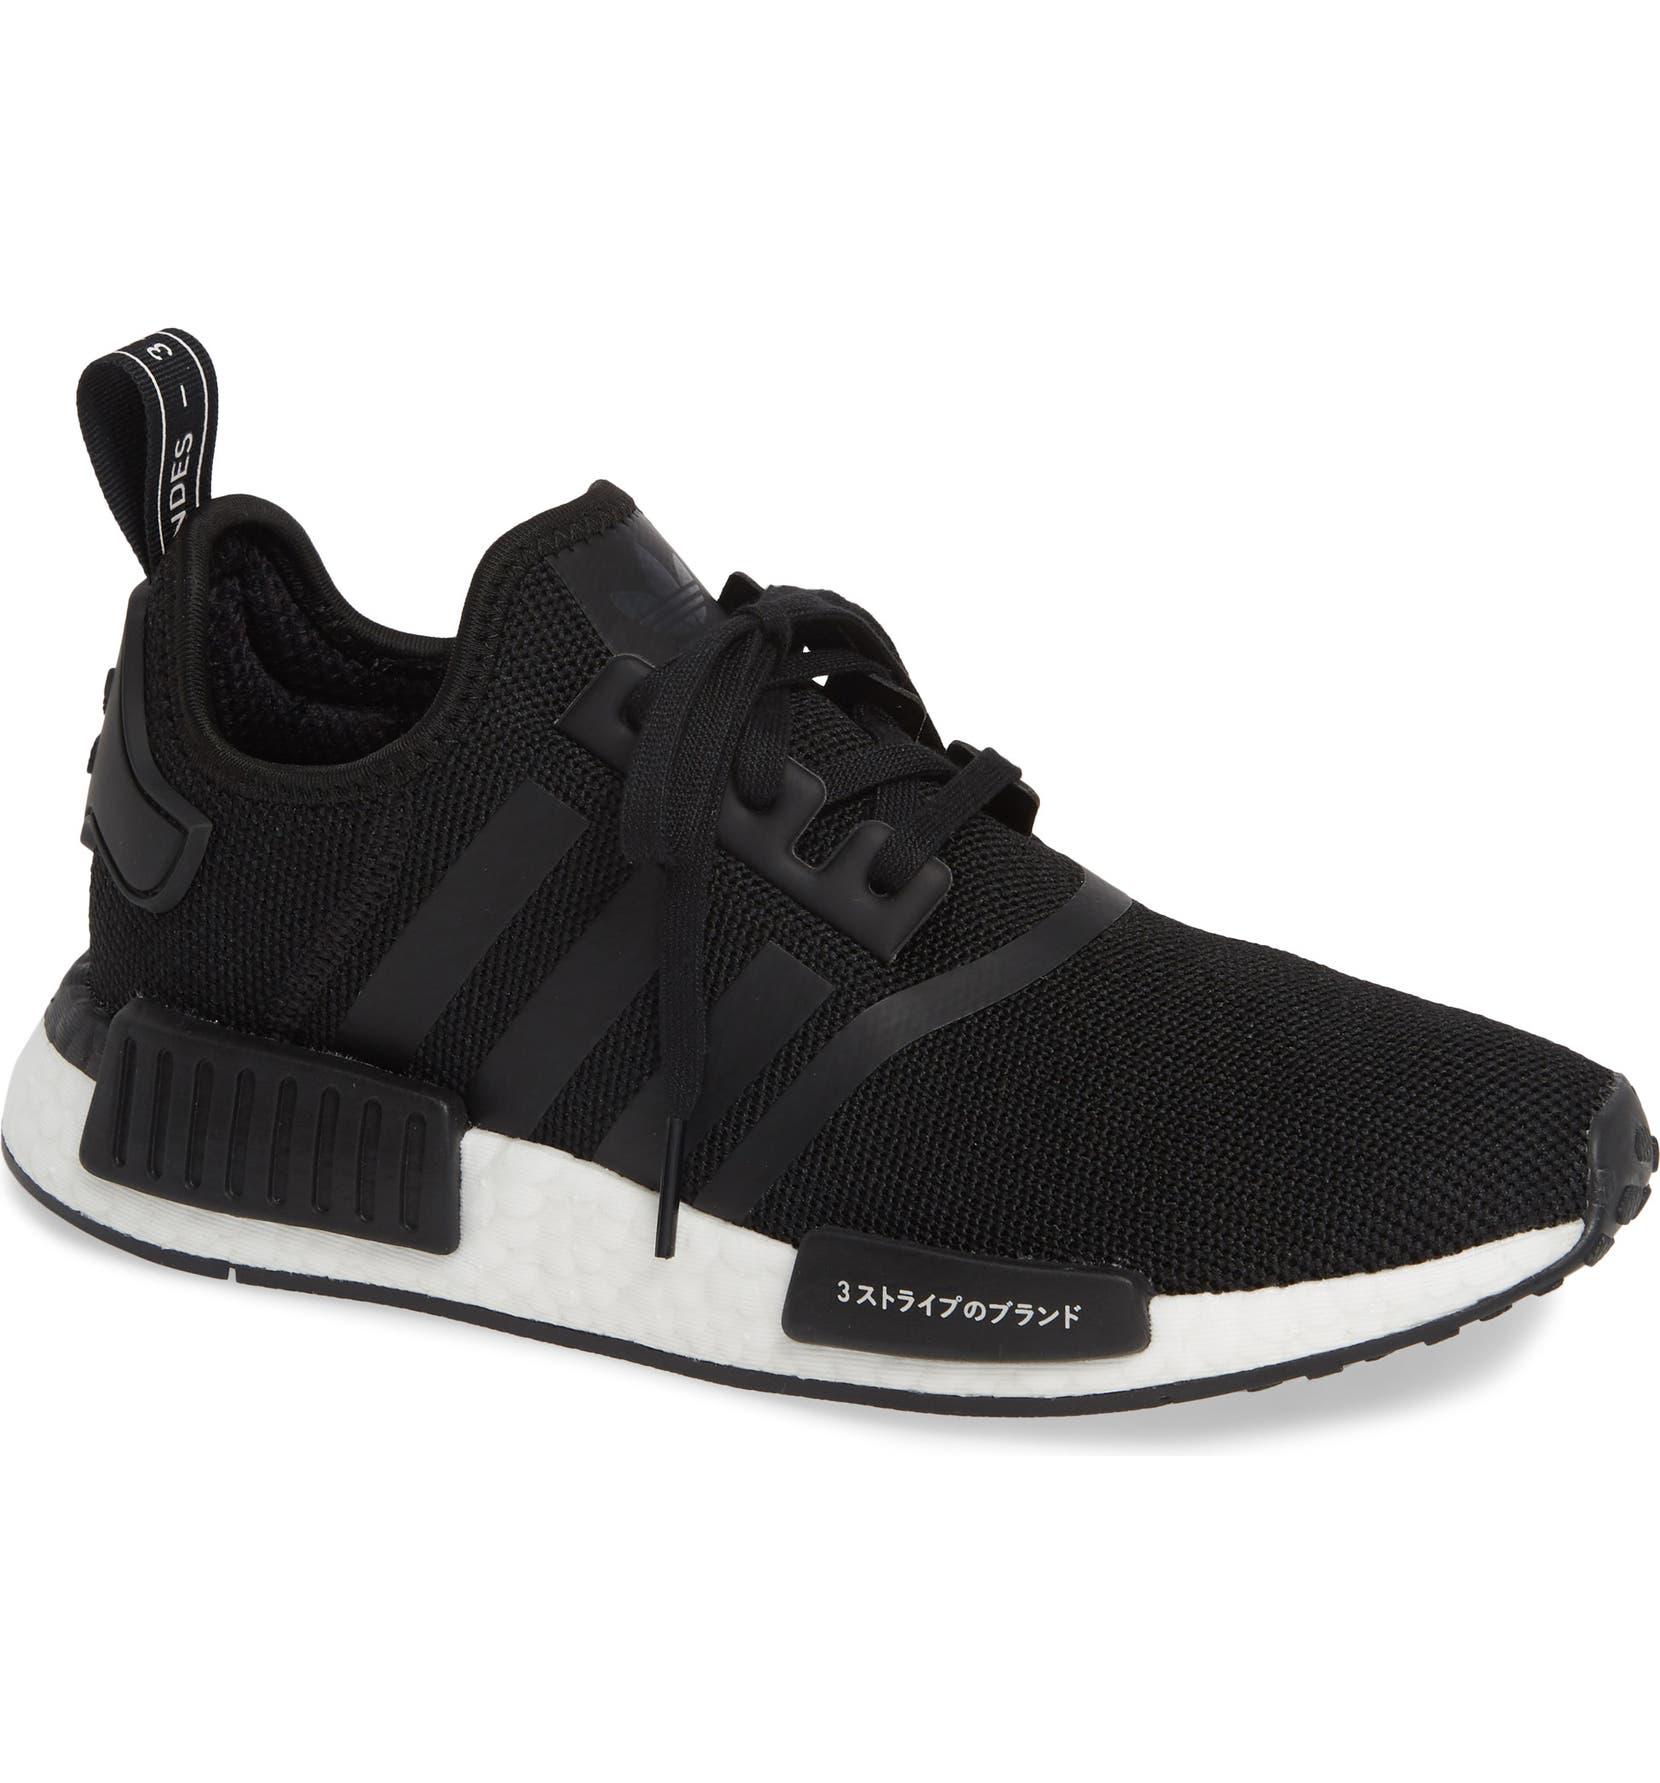 reputable site 054e4 3c4e4 NMD R1 Sneaker